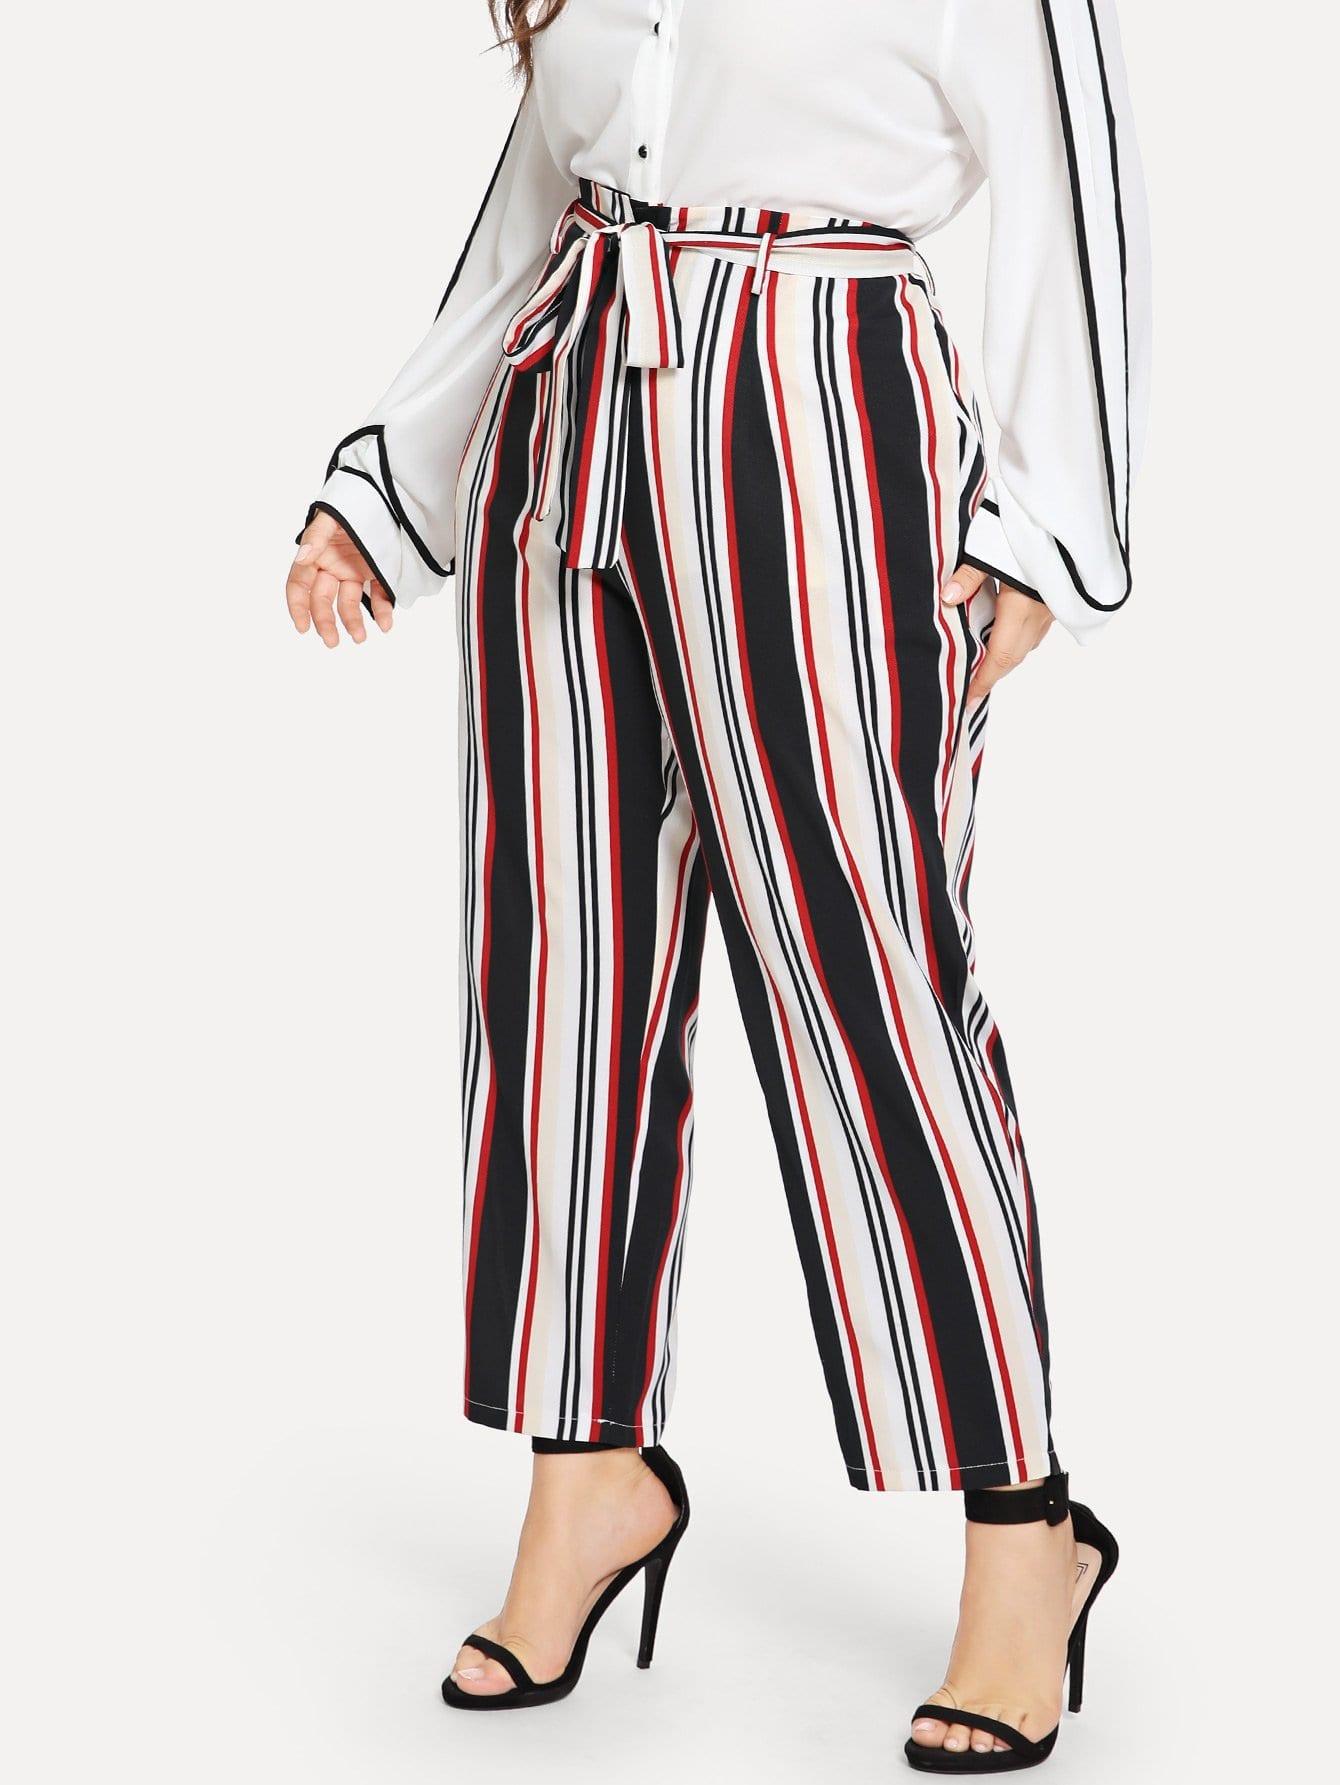 Купить Большие полосатые брюки с поясом, Franziska, SheIn